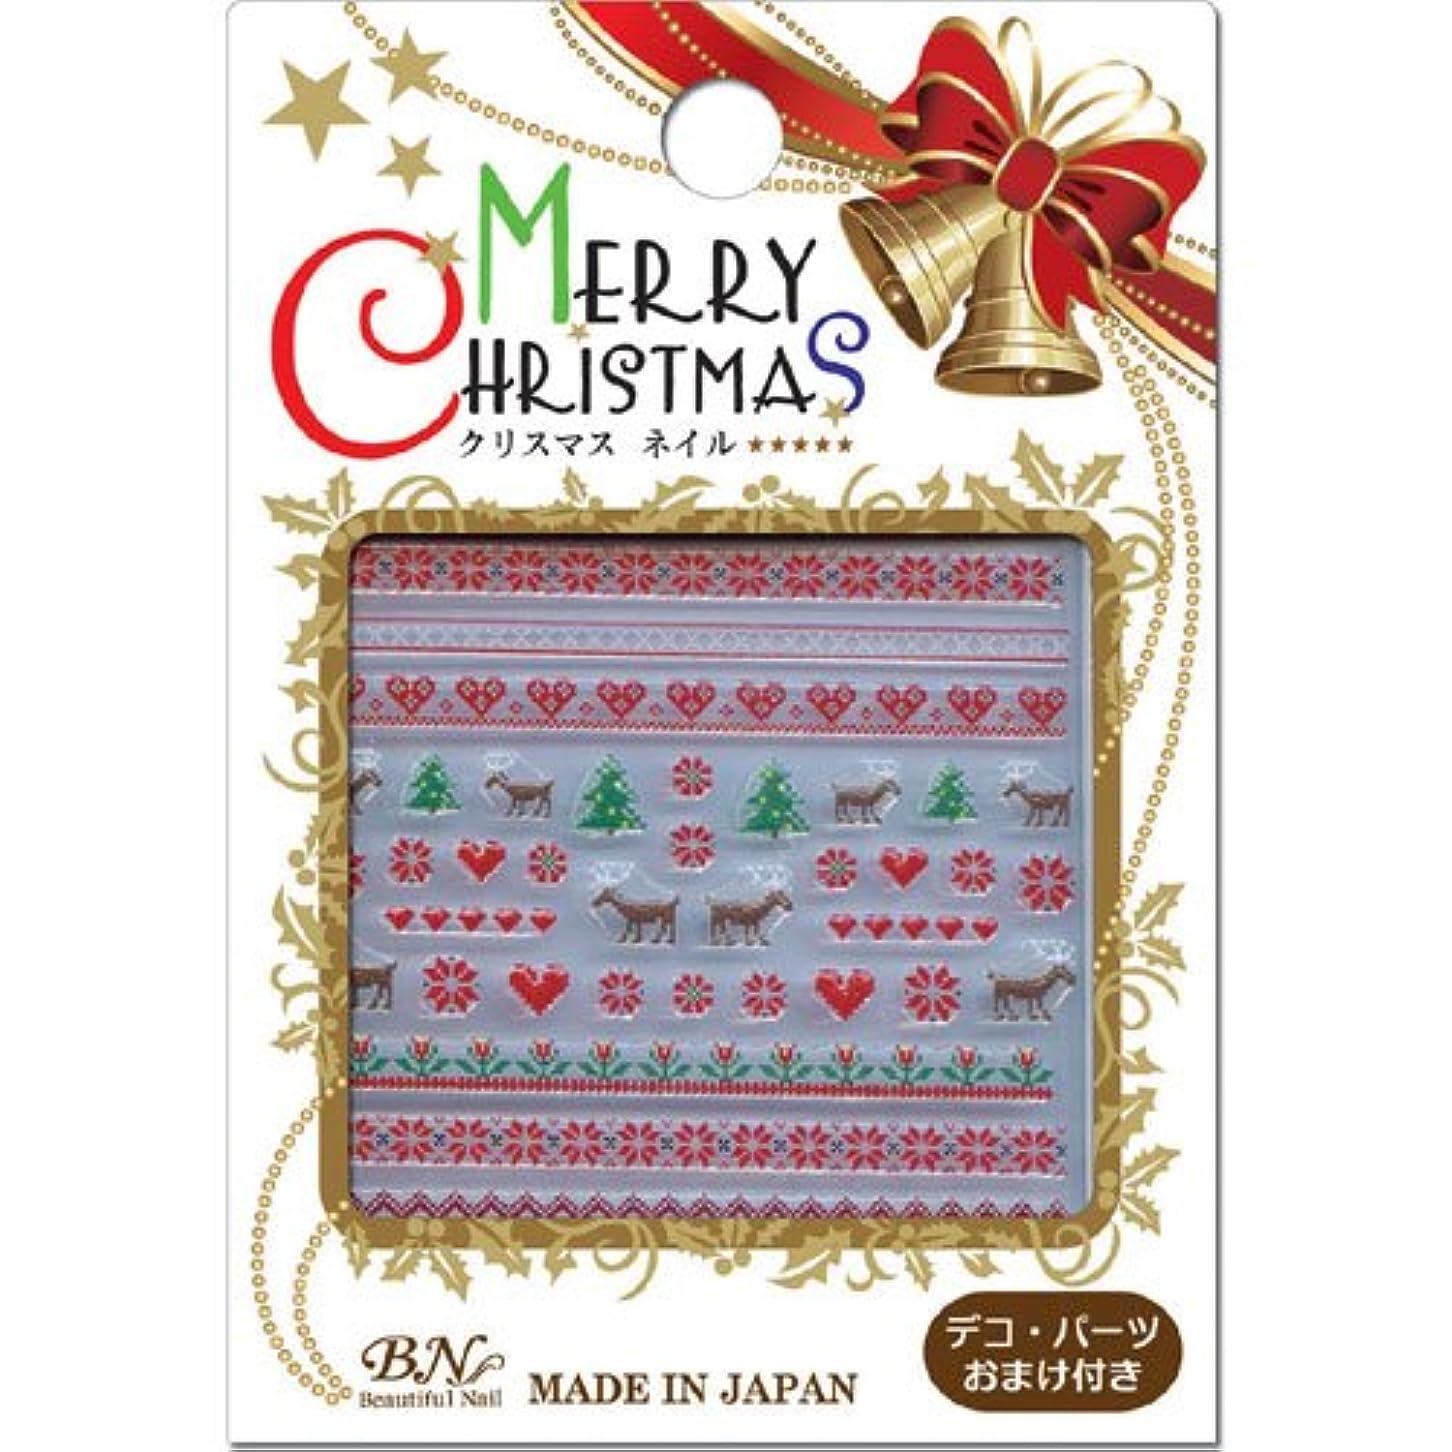 ハグ夜明けに忘れっぽいビーエヌ ネイル用シール クリスマス ノルディック CRM-06